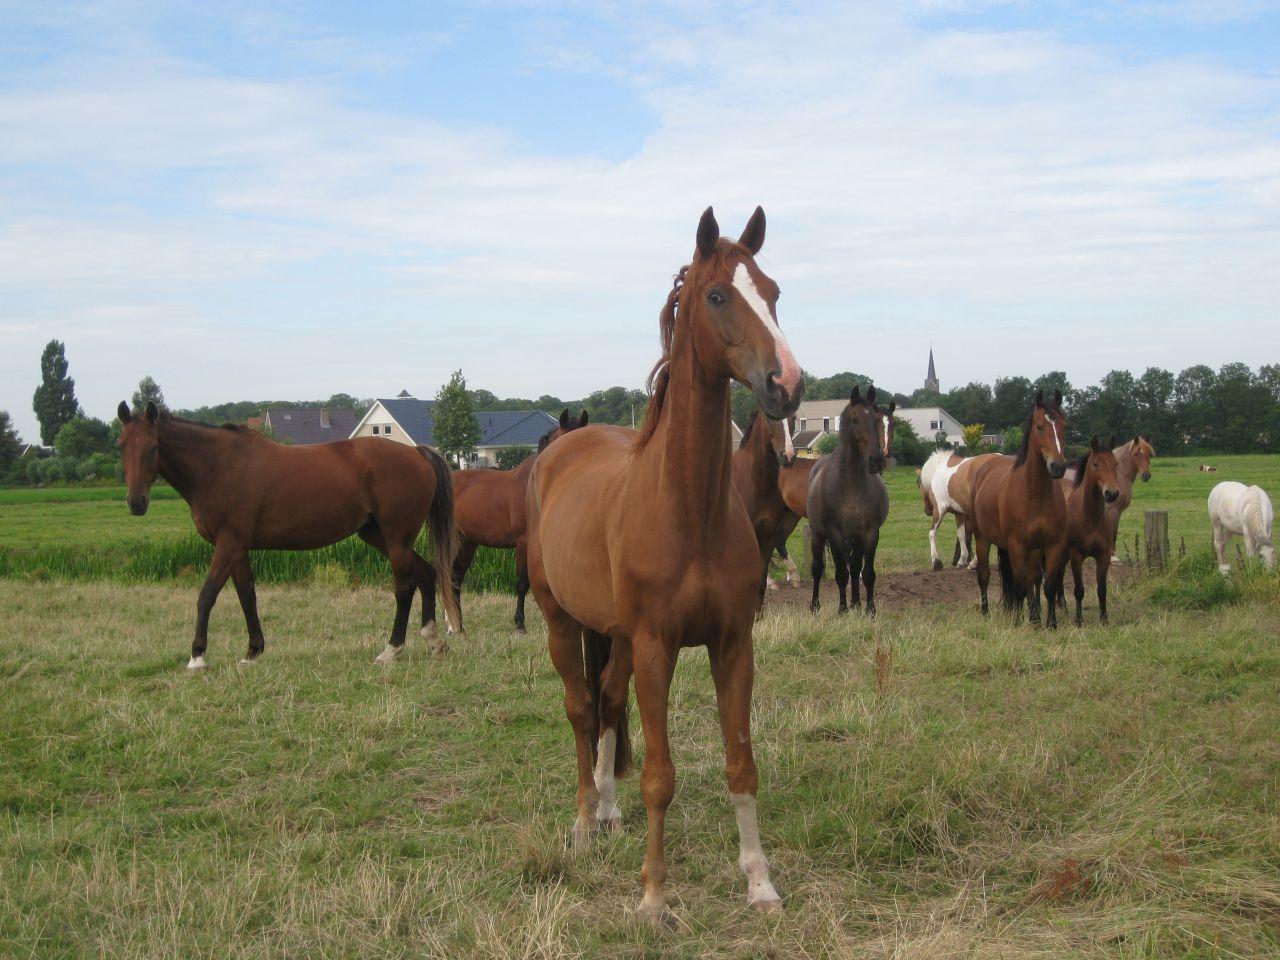 Paard snel uit sloot getrokken